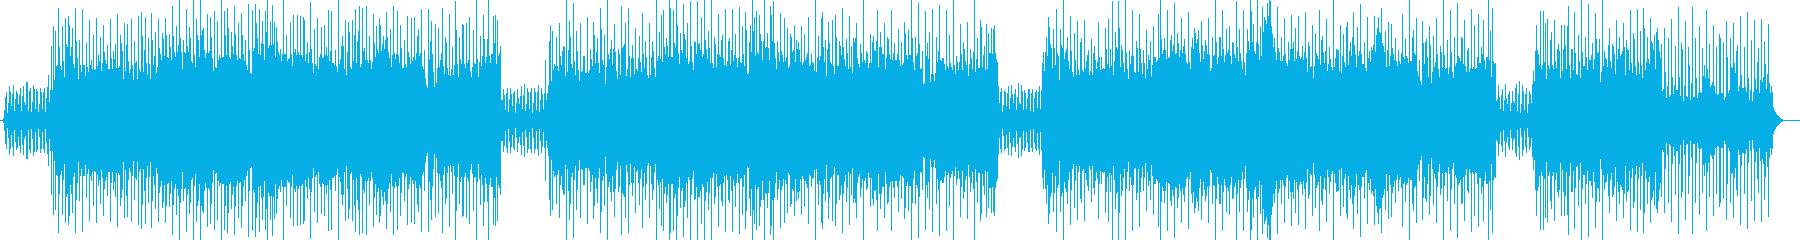 東洋の木漏れ日を表現した曲の再生済みの波形